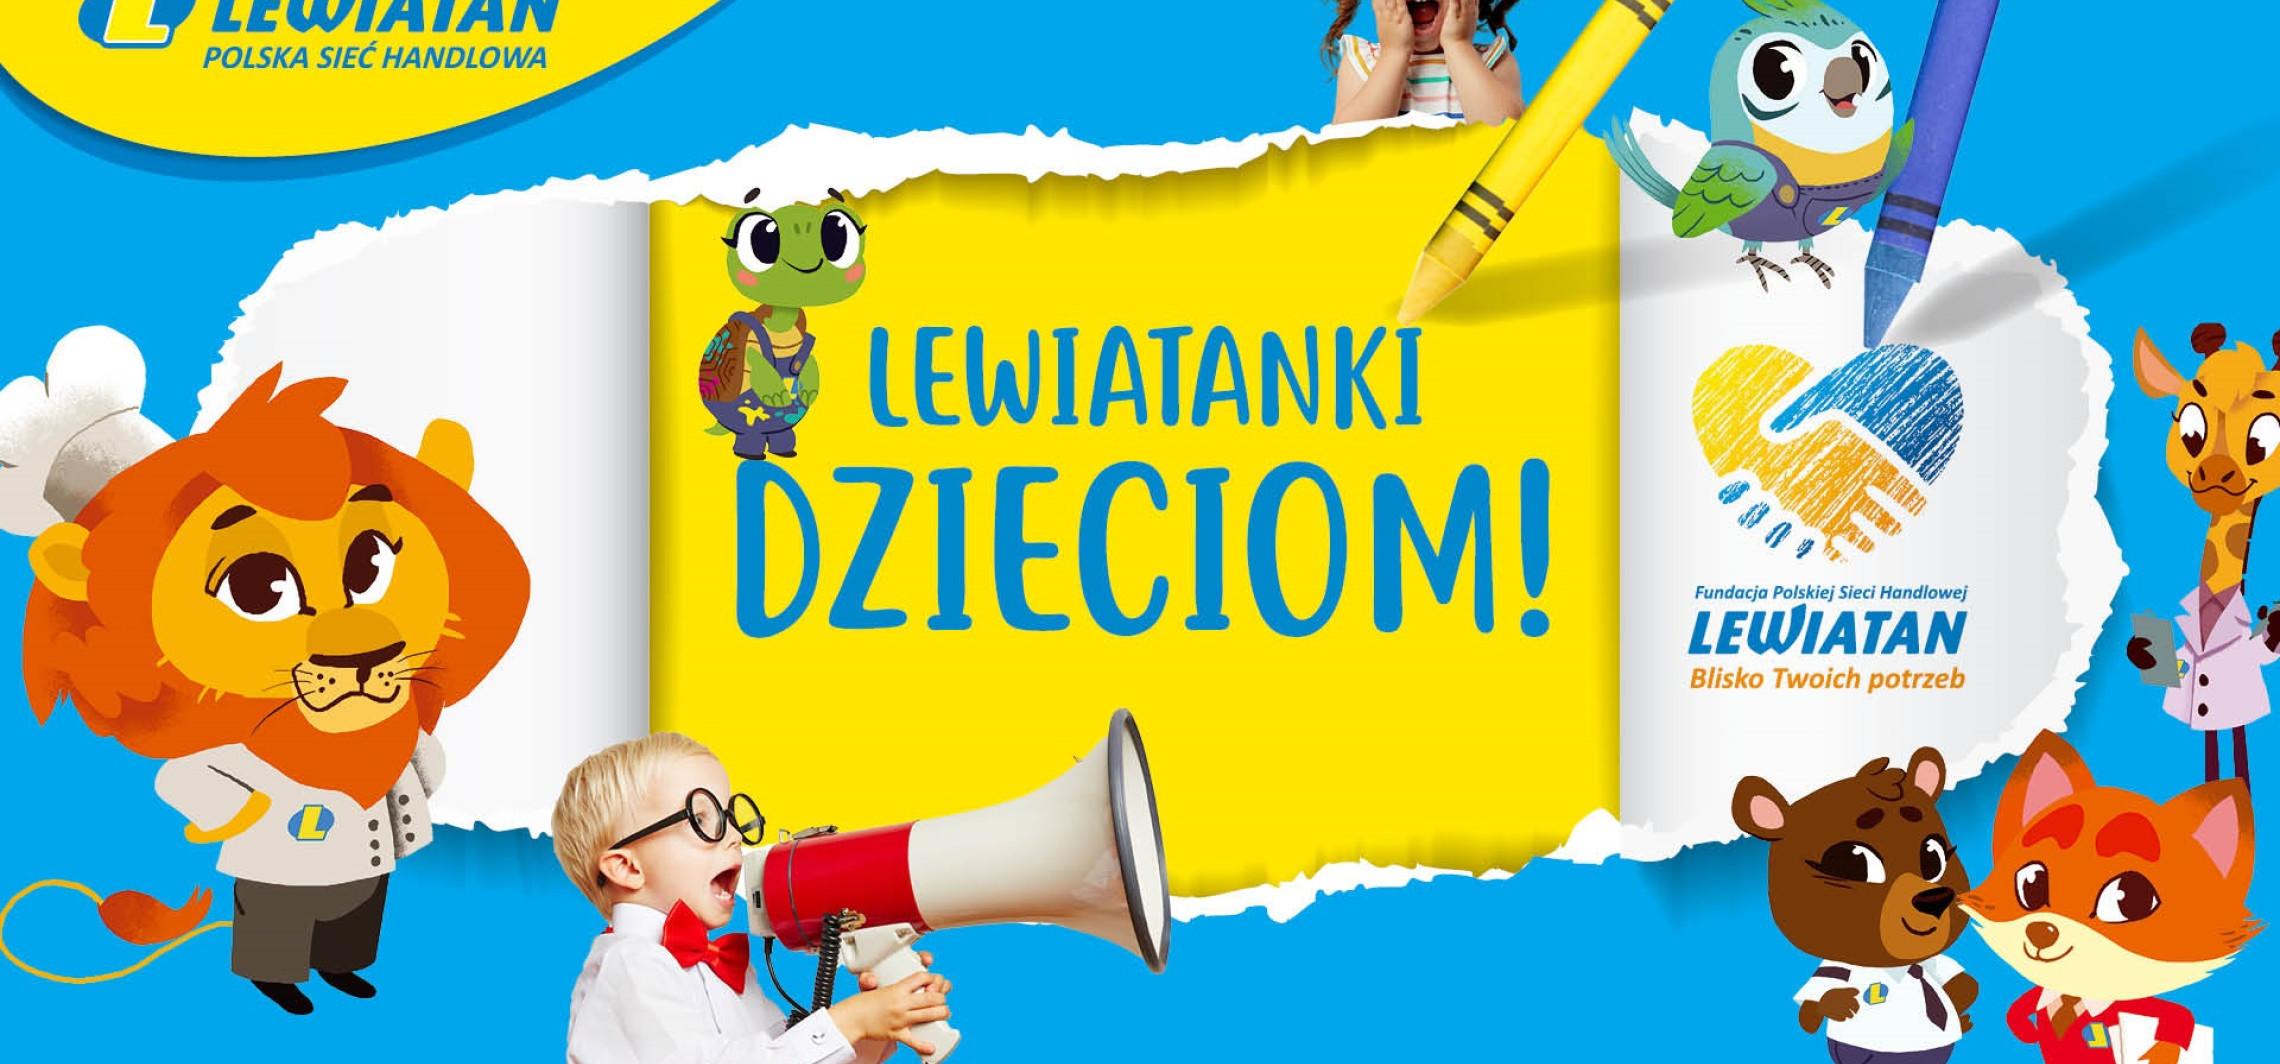 """Kraj - Dzień Dziecka z """"Fundacją PSH Lewiatan. Blisko Twoich potrzeb"""""""